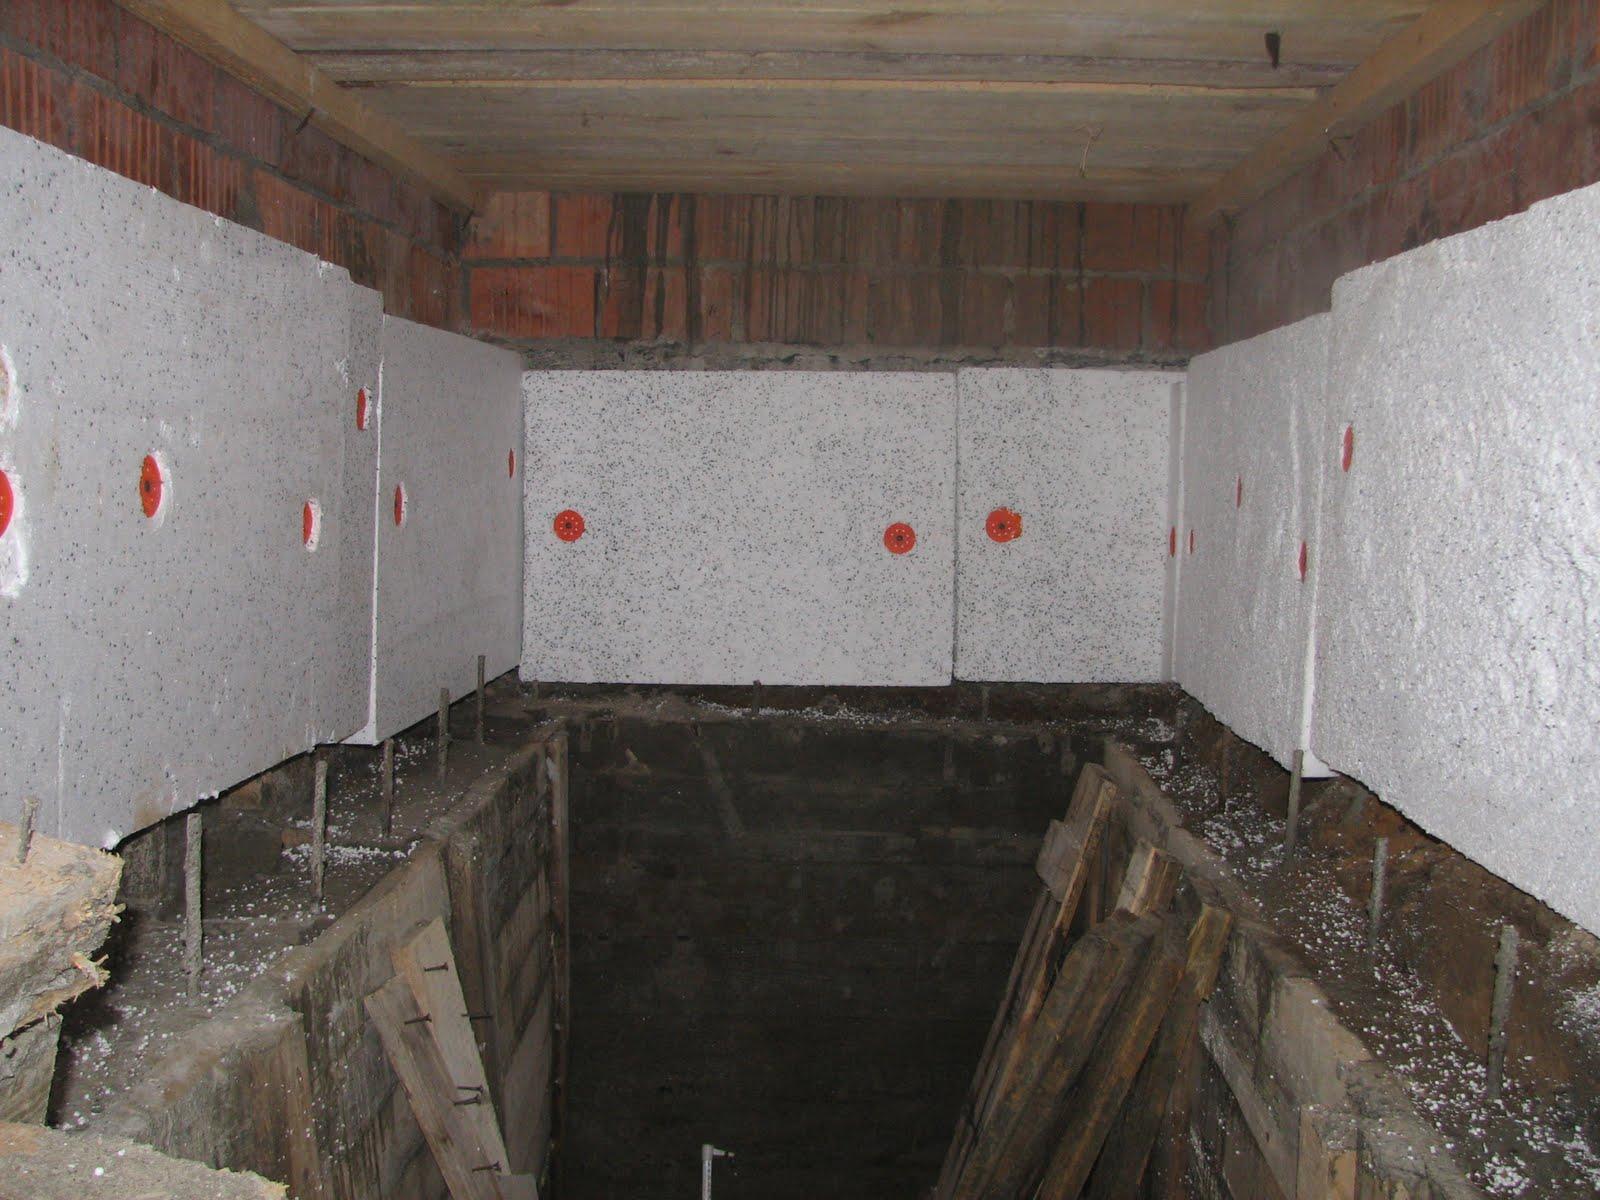 Челябинске про утепление потолка погреба изнутри может генерироваться обращению